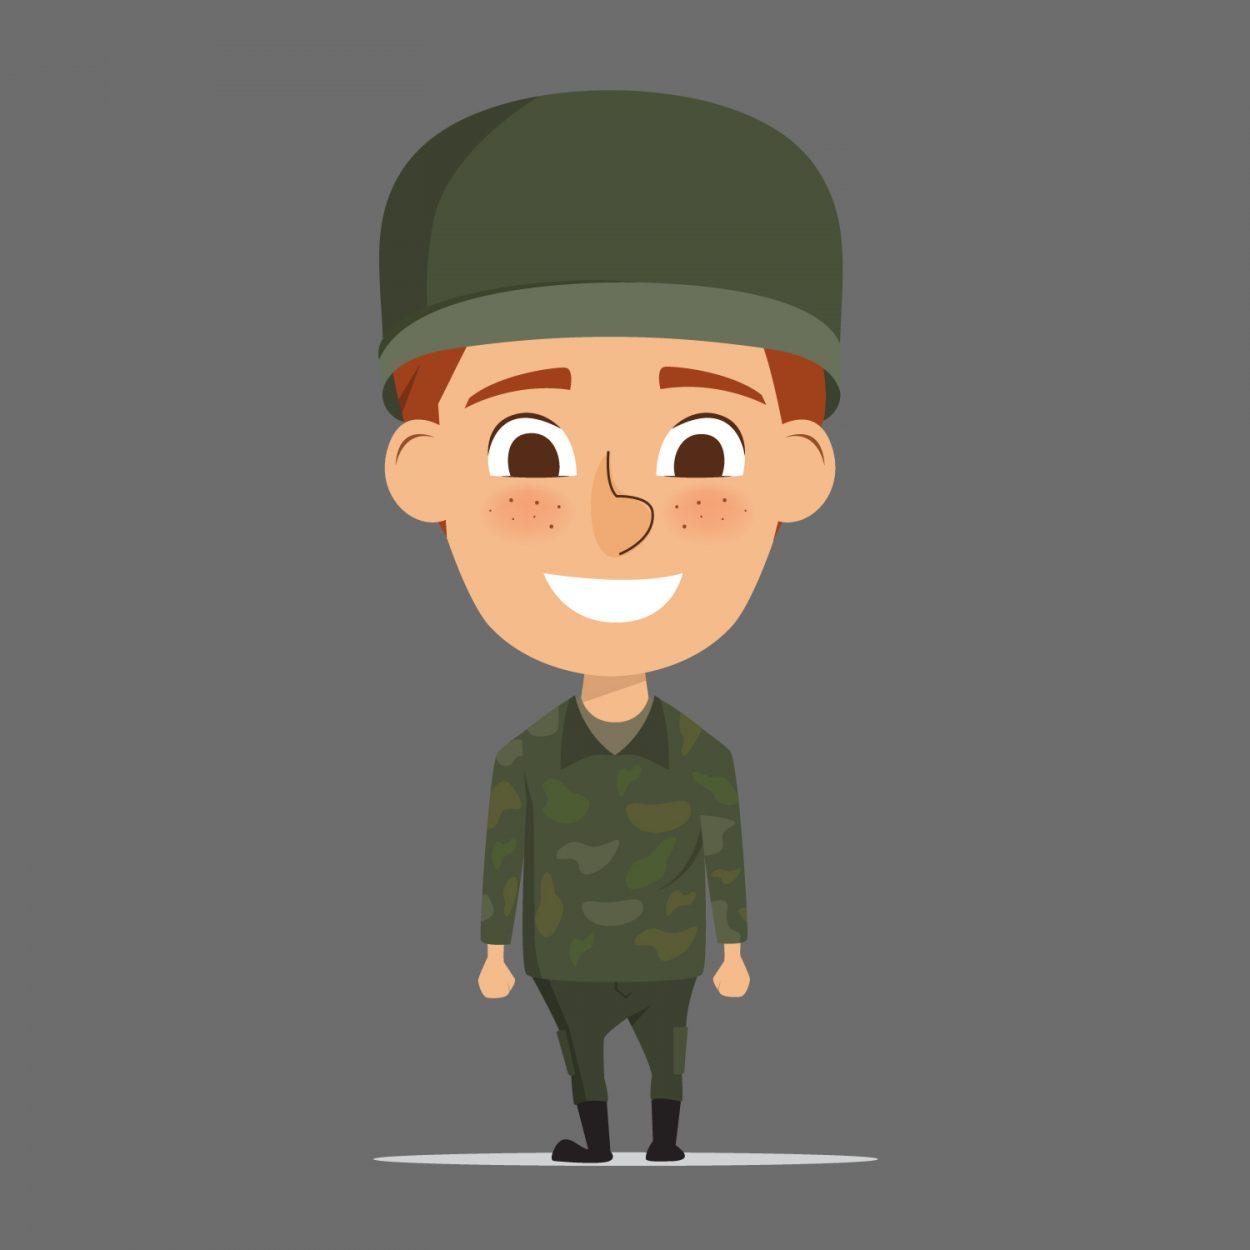 Чудный анекдот про слишком болтливого солдата